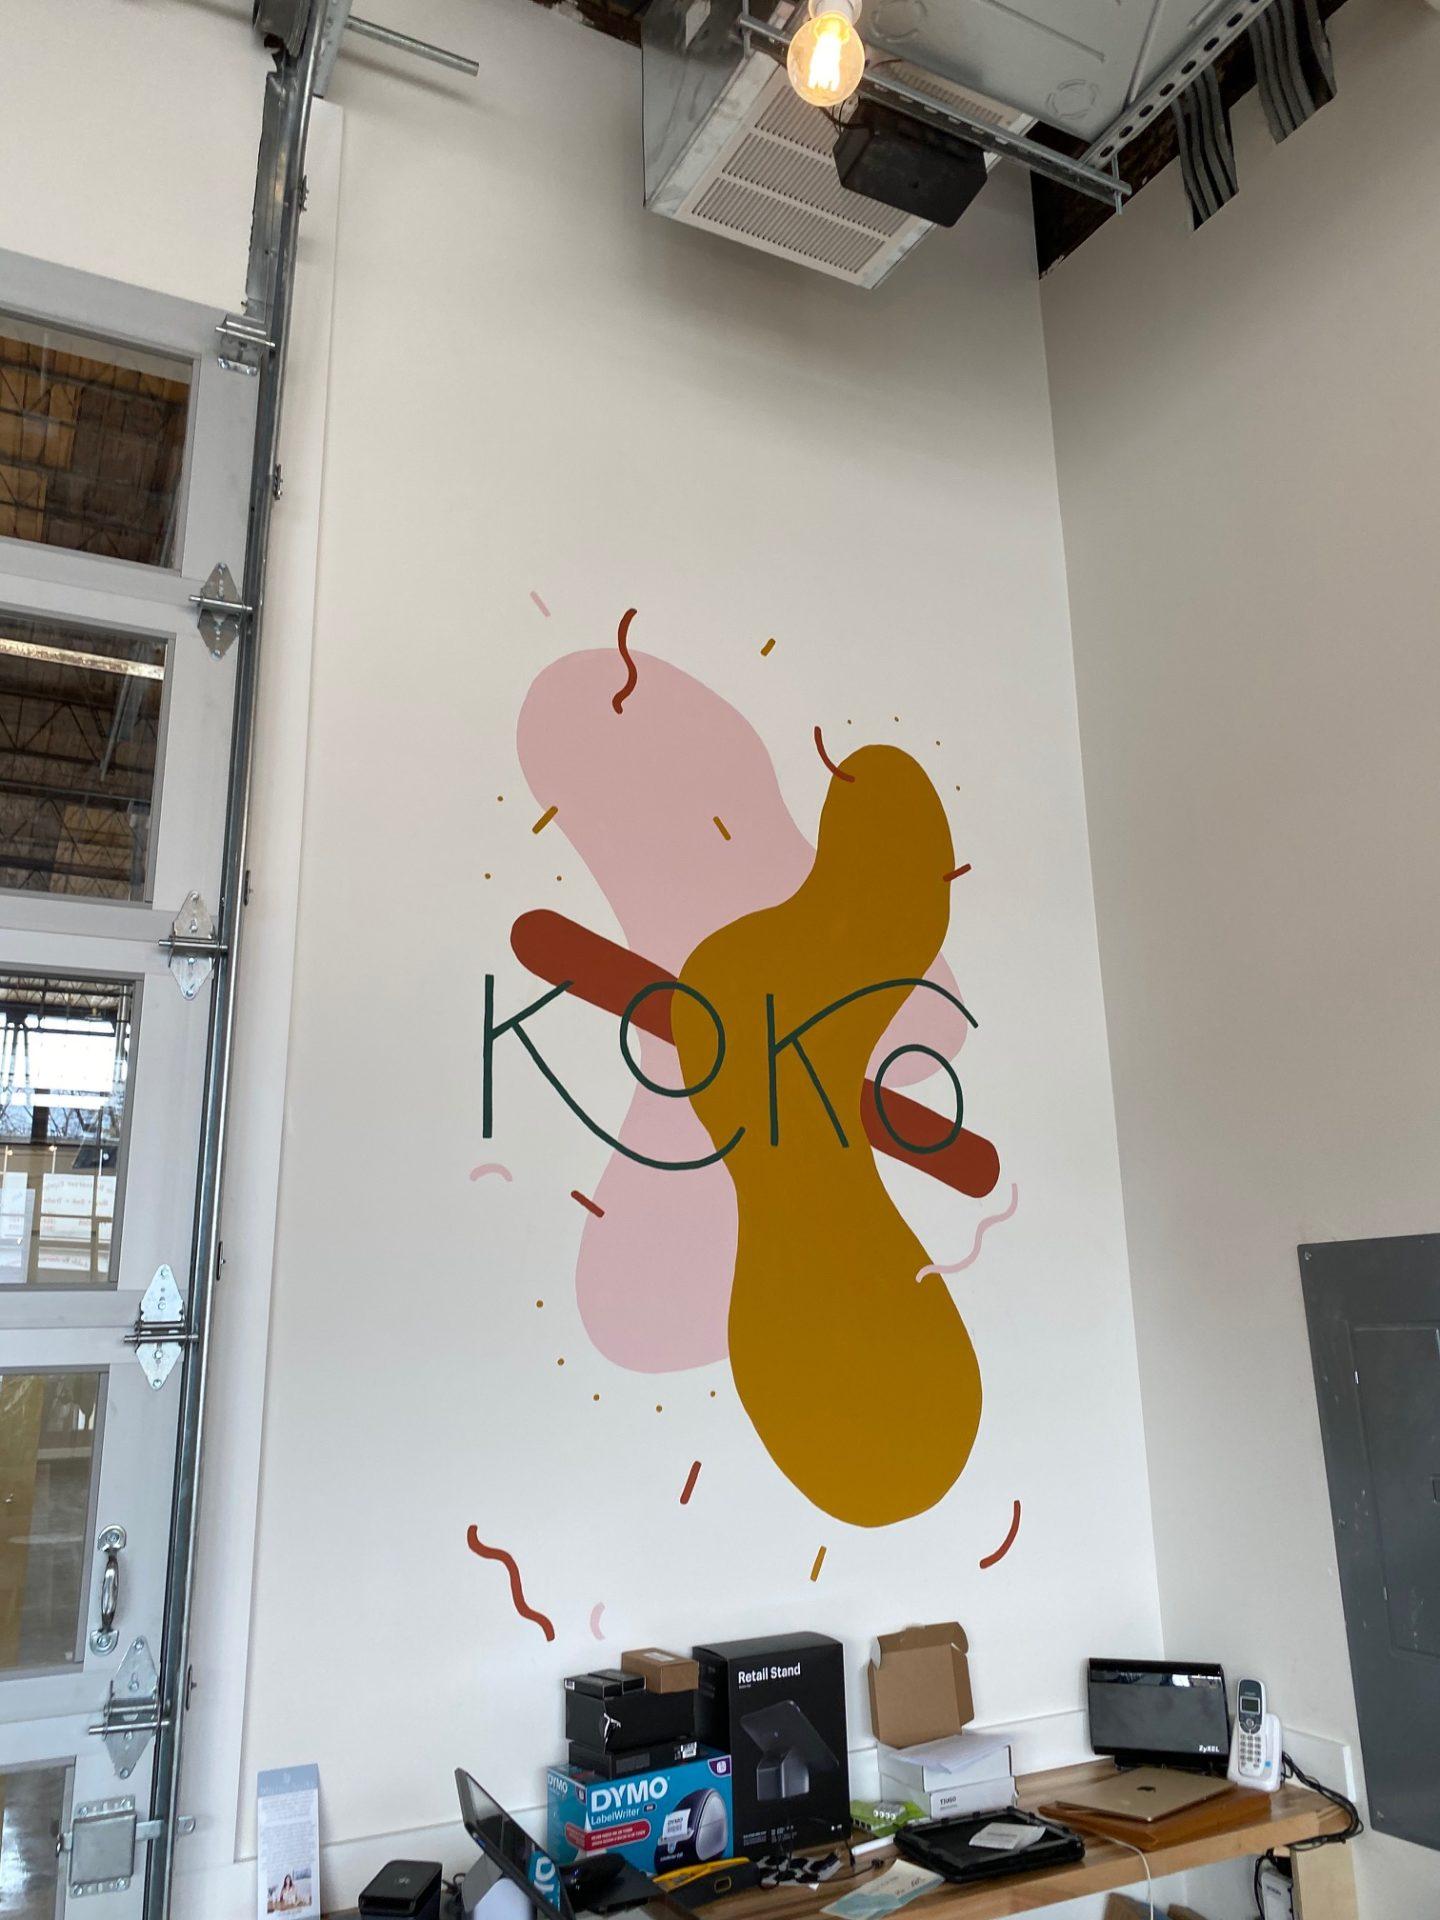 koko logo on the wall